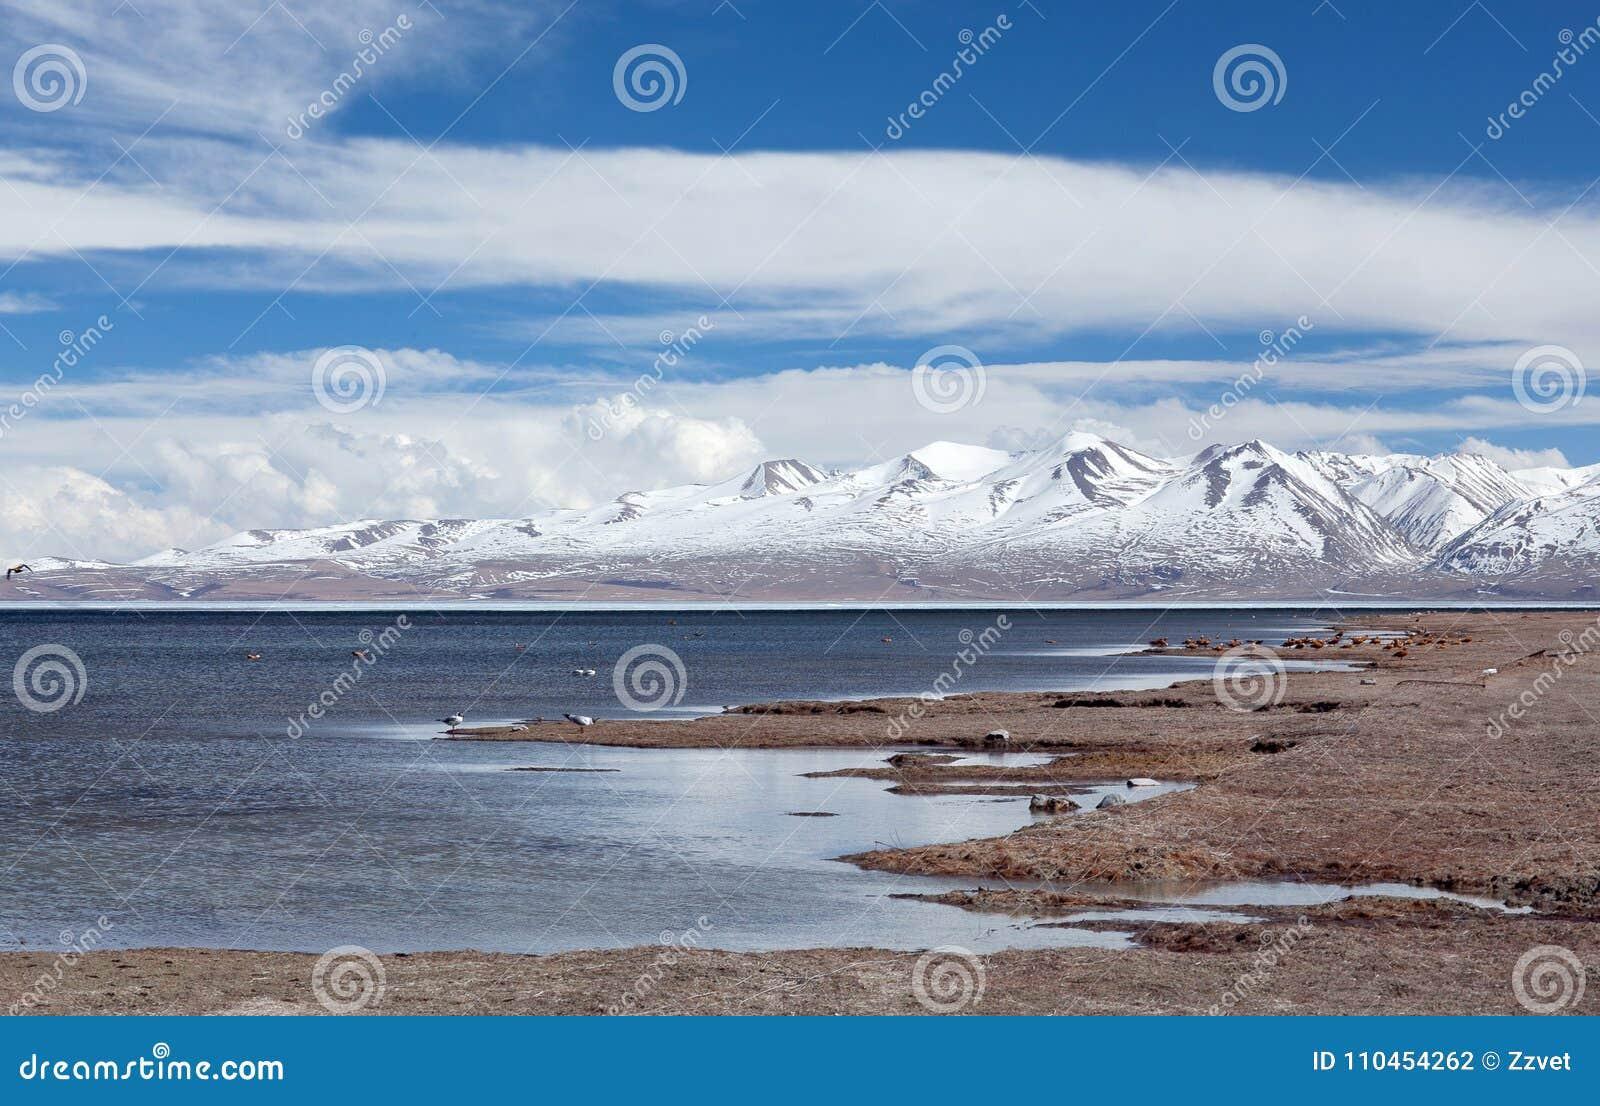 Sjö Manasarovar i västra Tibet, Kina